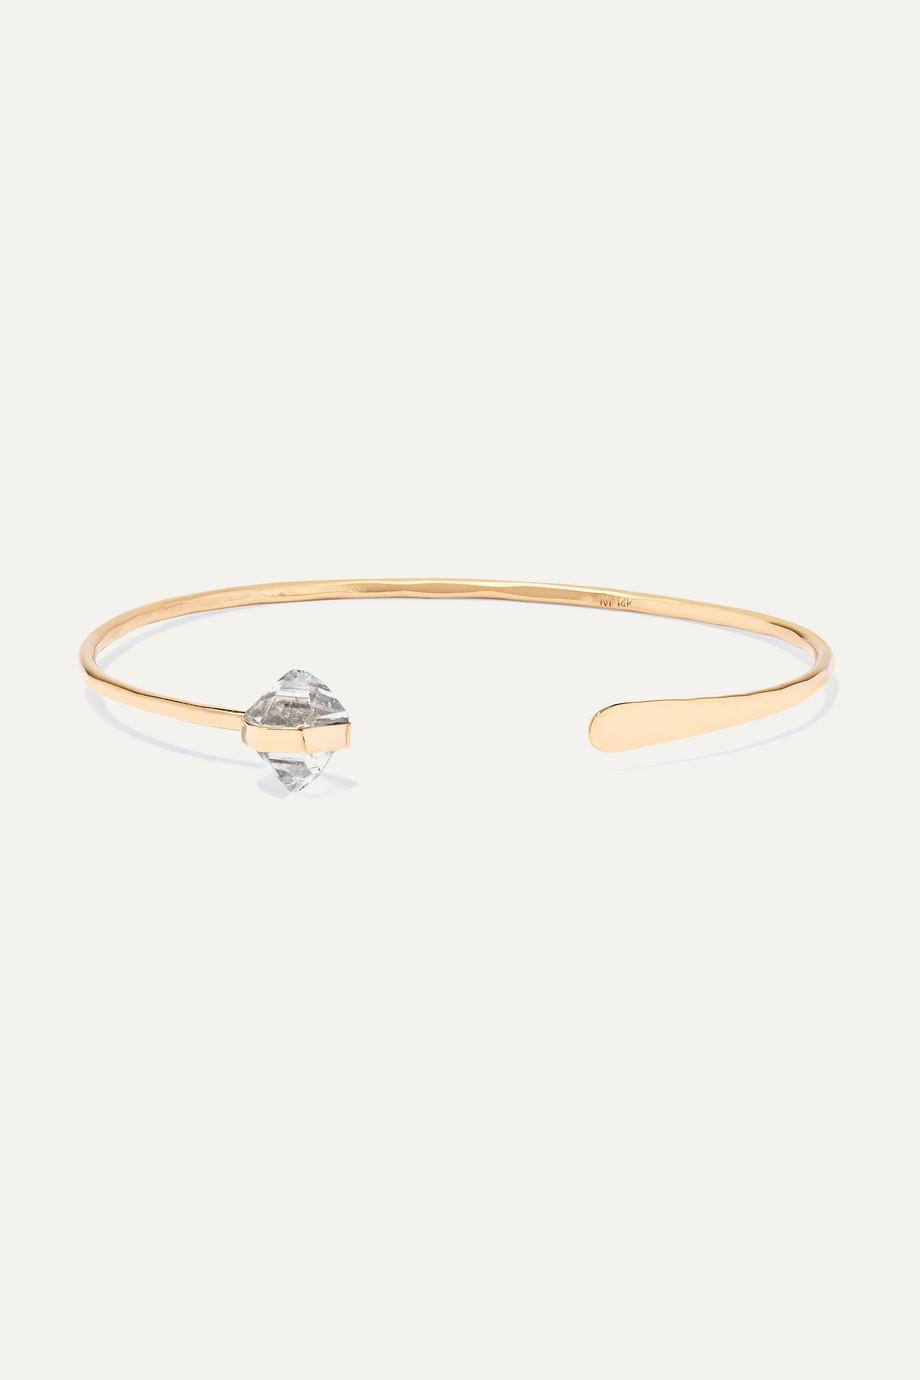 Melissa Joy Manning 14-karat gold Herkimer diamond cuff